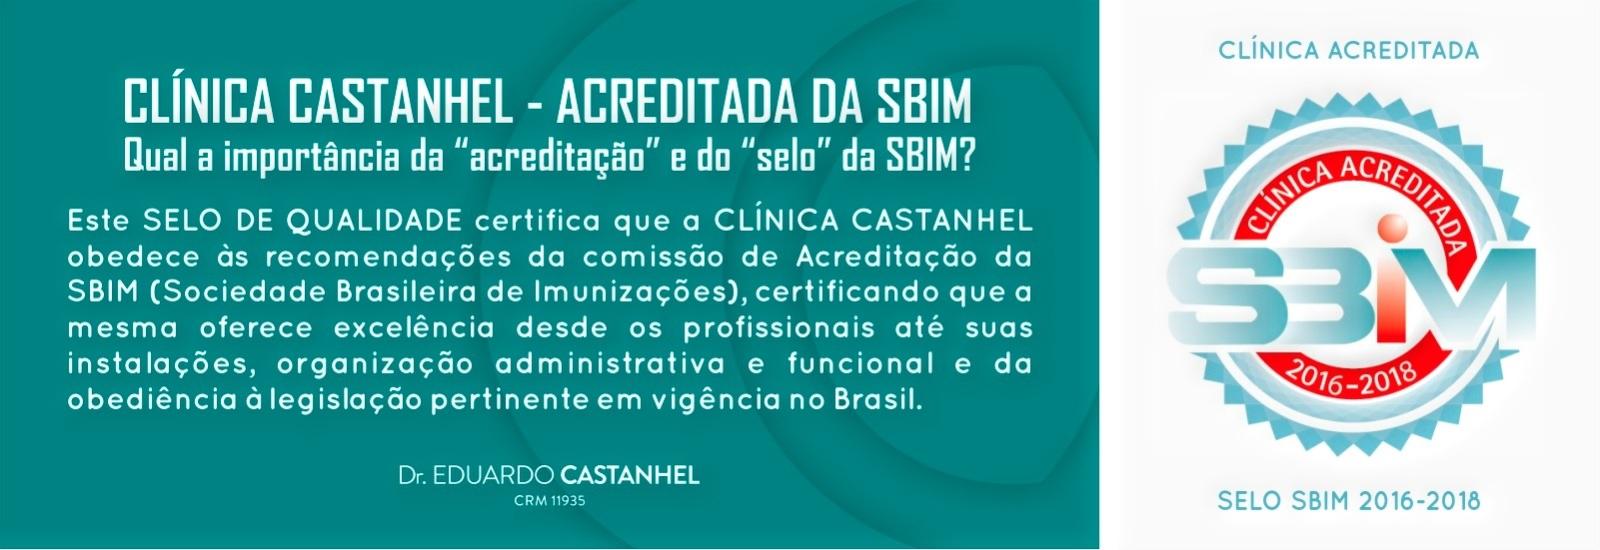 Castanhel